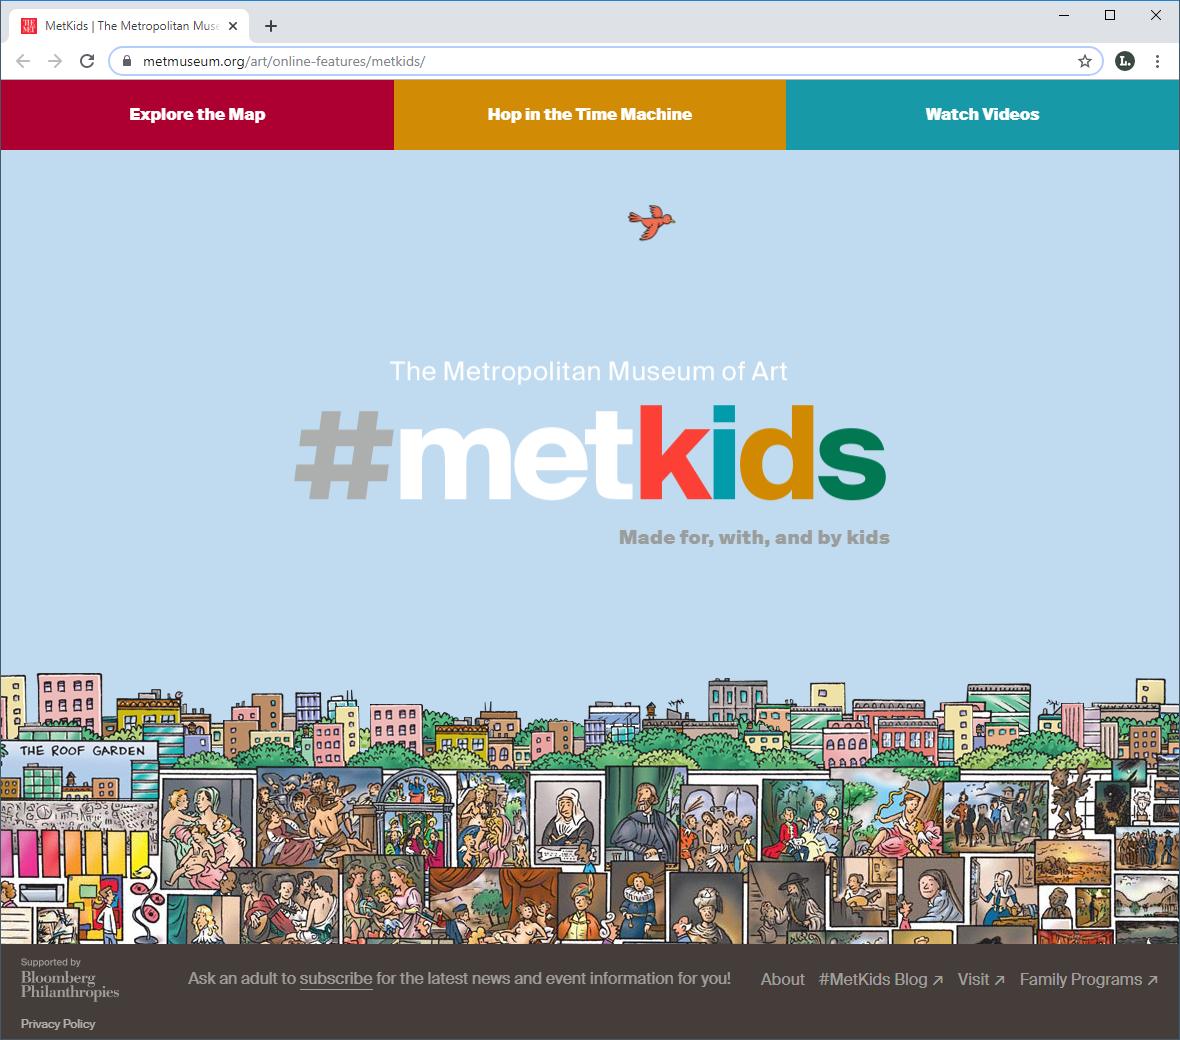 #MetKids